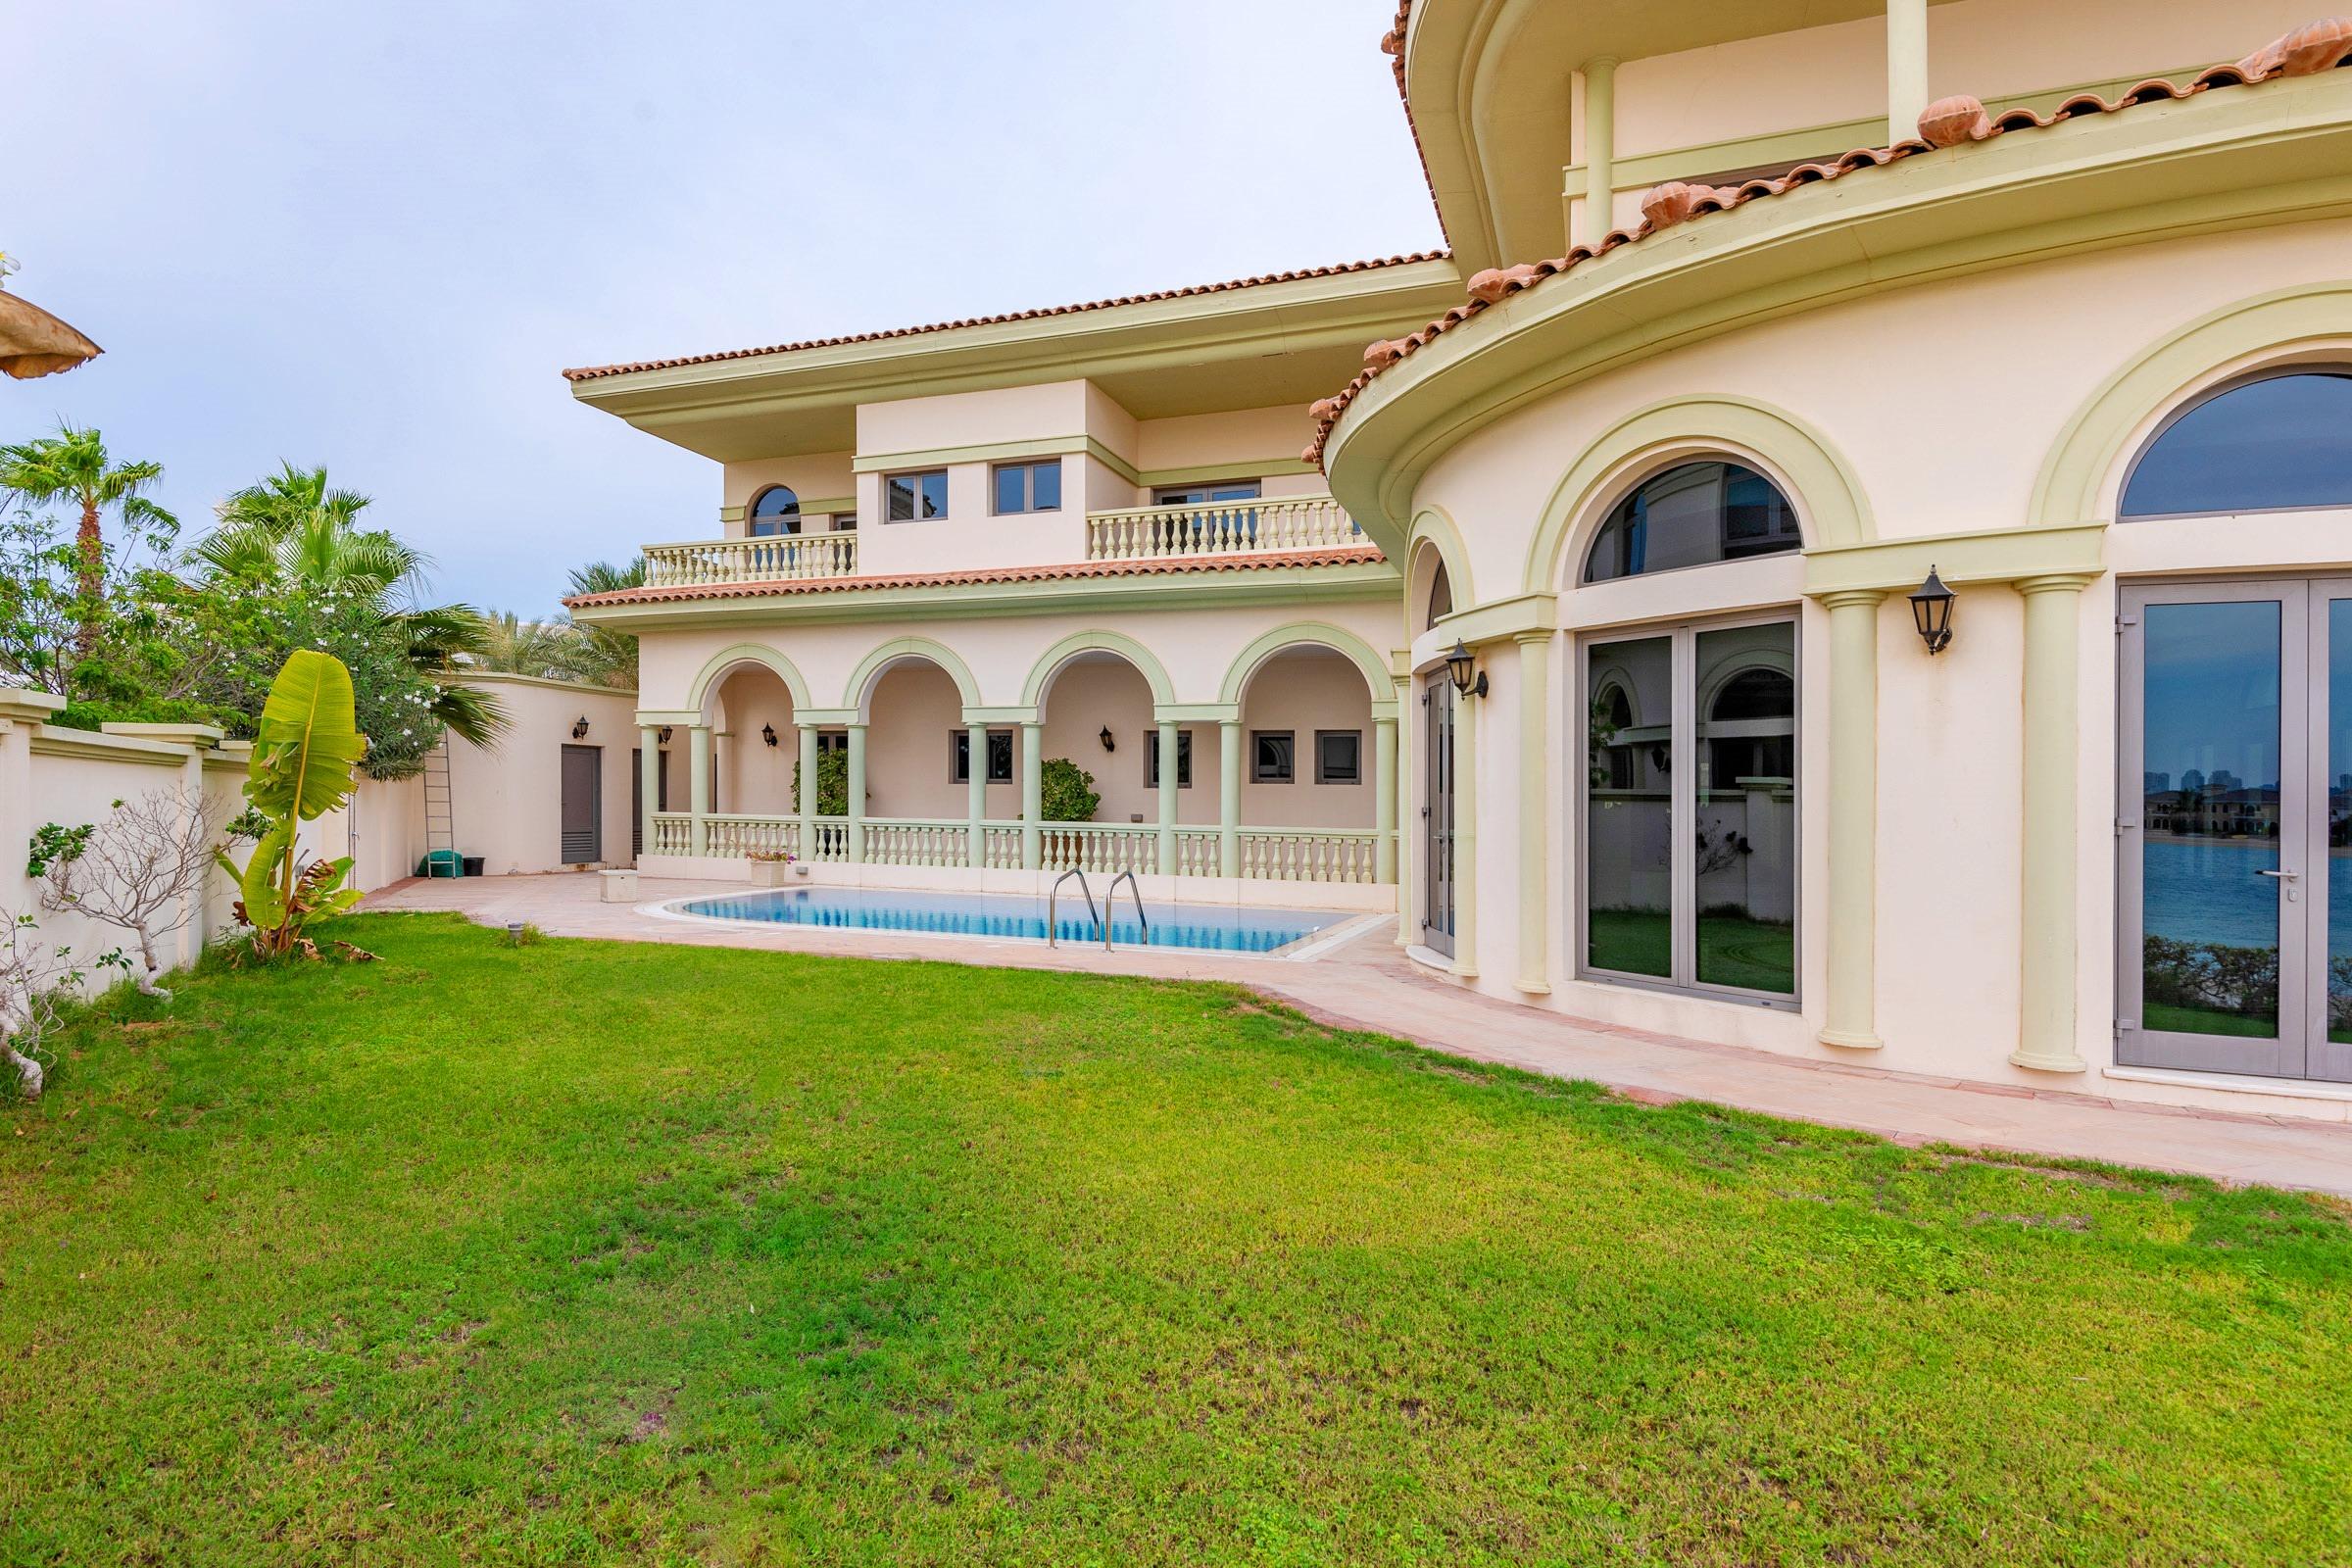 Signature Villa 5BR French Riviera Style